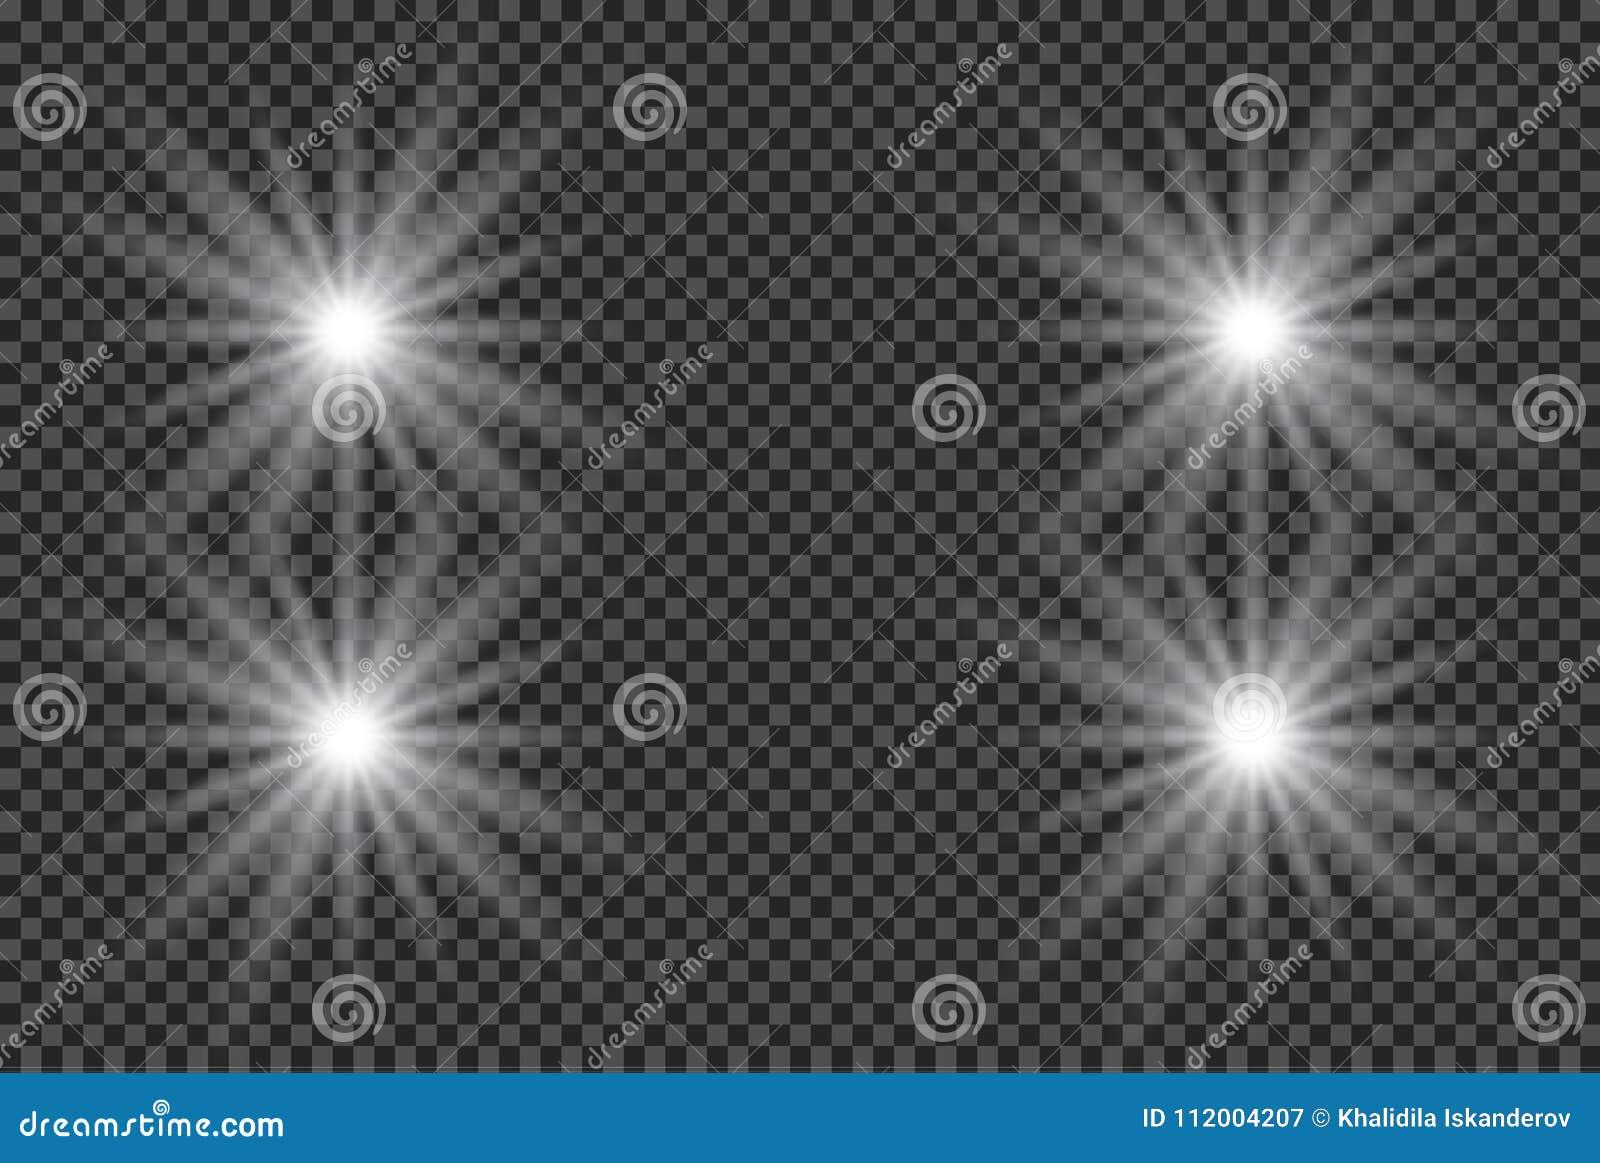 Isolerad uppsättning av guld- glödande ljuseffekter på genomskinlig bakgrund Solexponering med strålar och strålkastaren Ljus eff